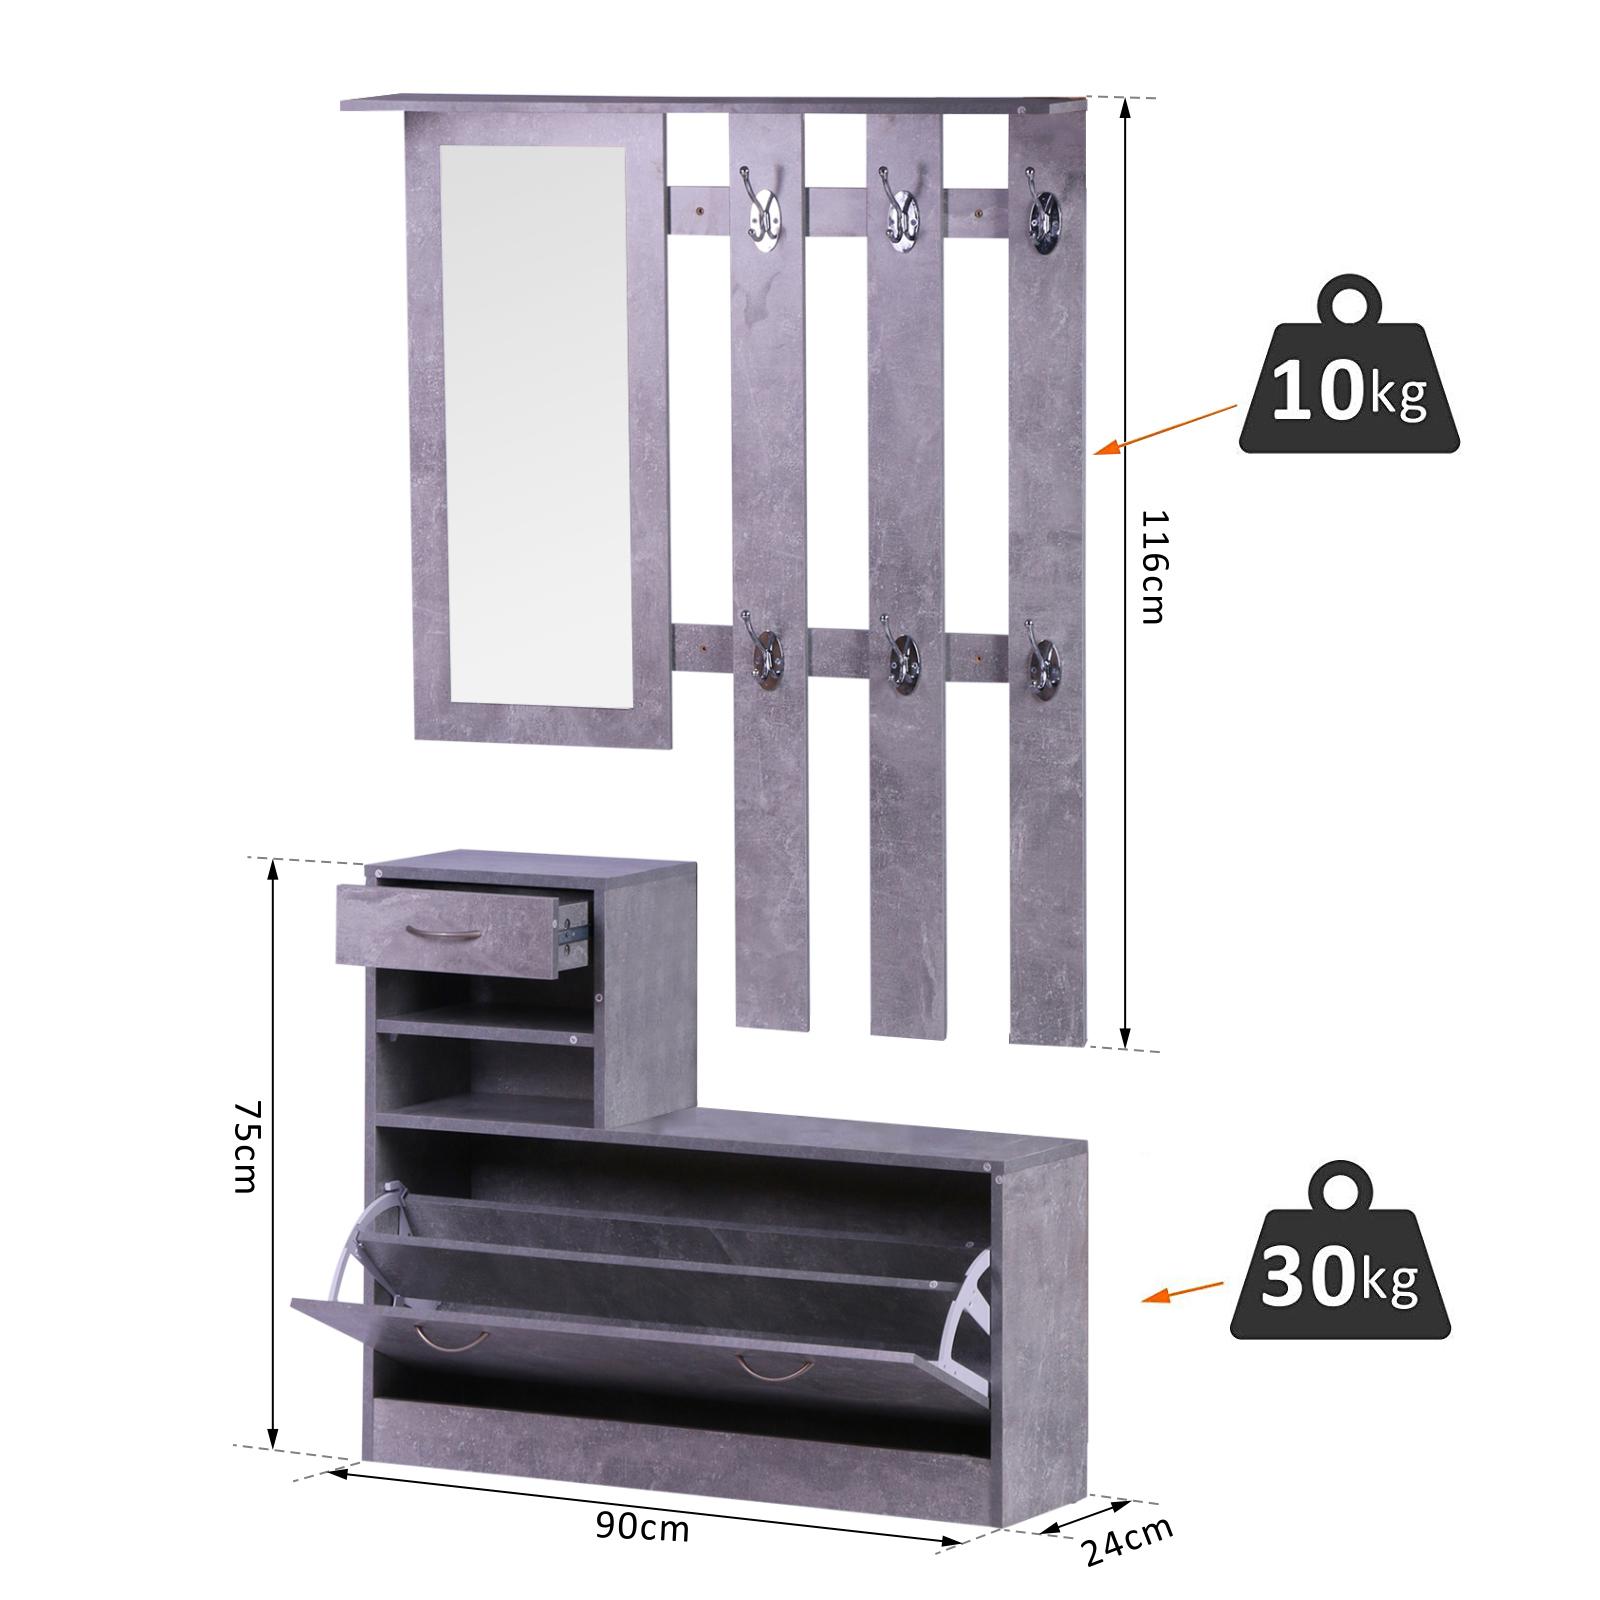 831 146gy(8) - Conjunto Muebles de Entrada Recibidor Pasillo 3 Piezas Perchero Espejo Zapatero